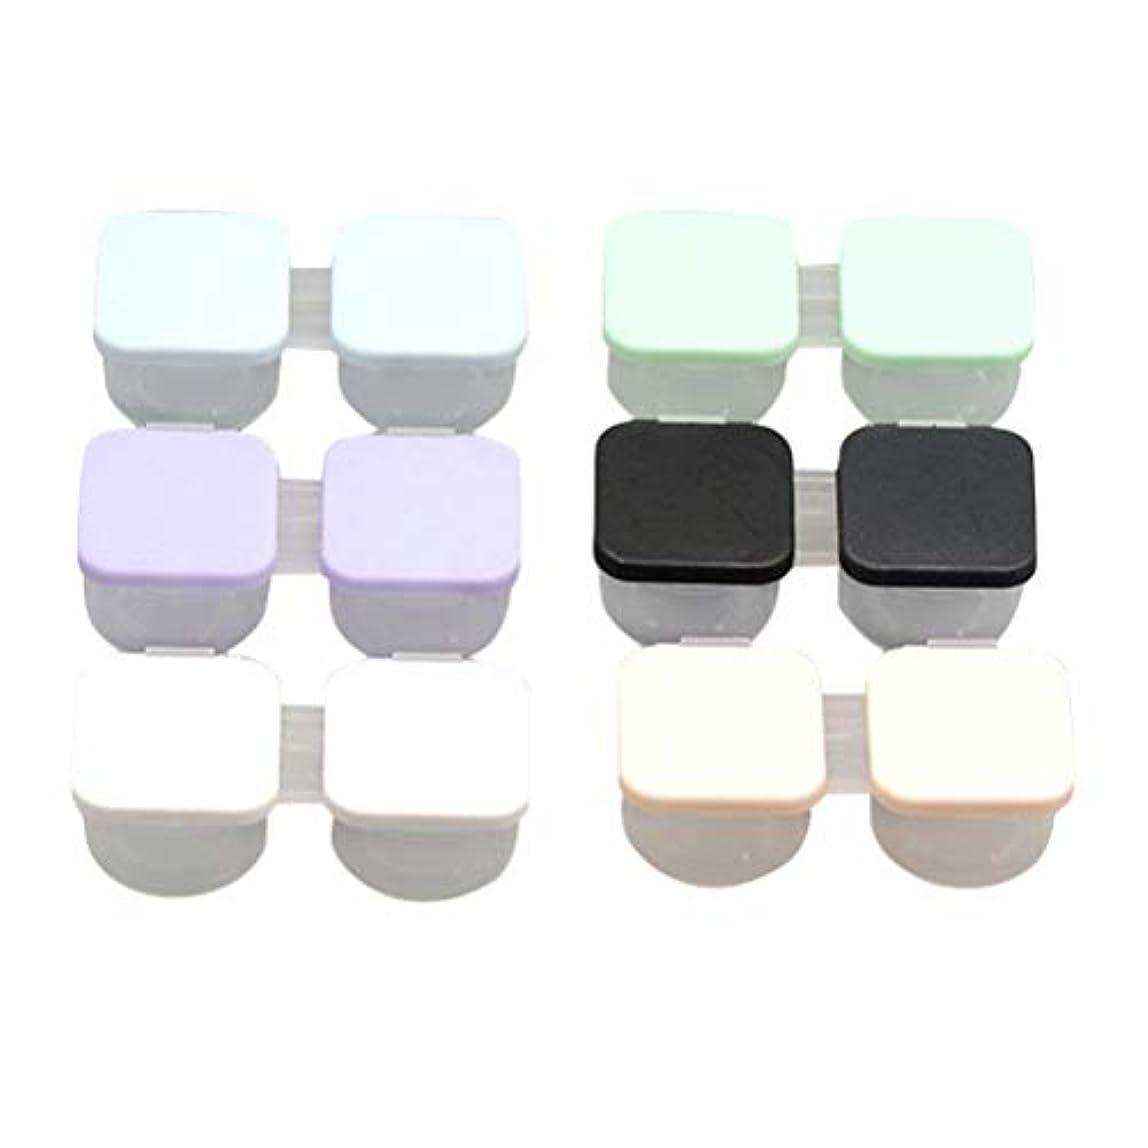 文肌寒い札入れSUPVOX コンタクトケース ケアパレット 保存ケース プラスチック製 軽量 安全6個入(混色)